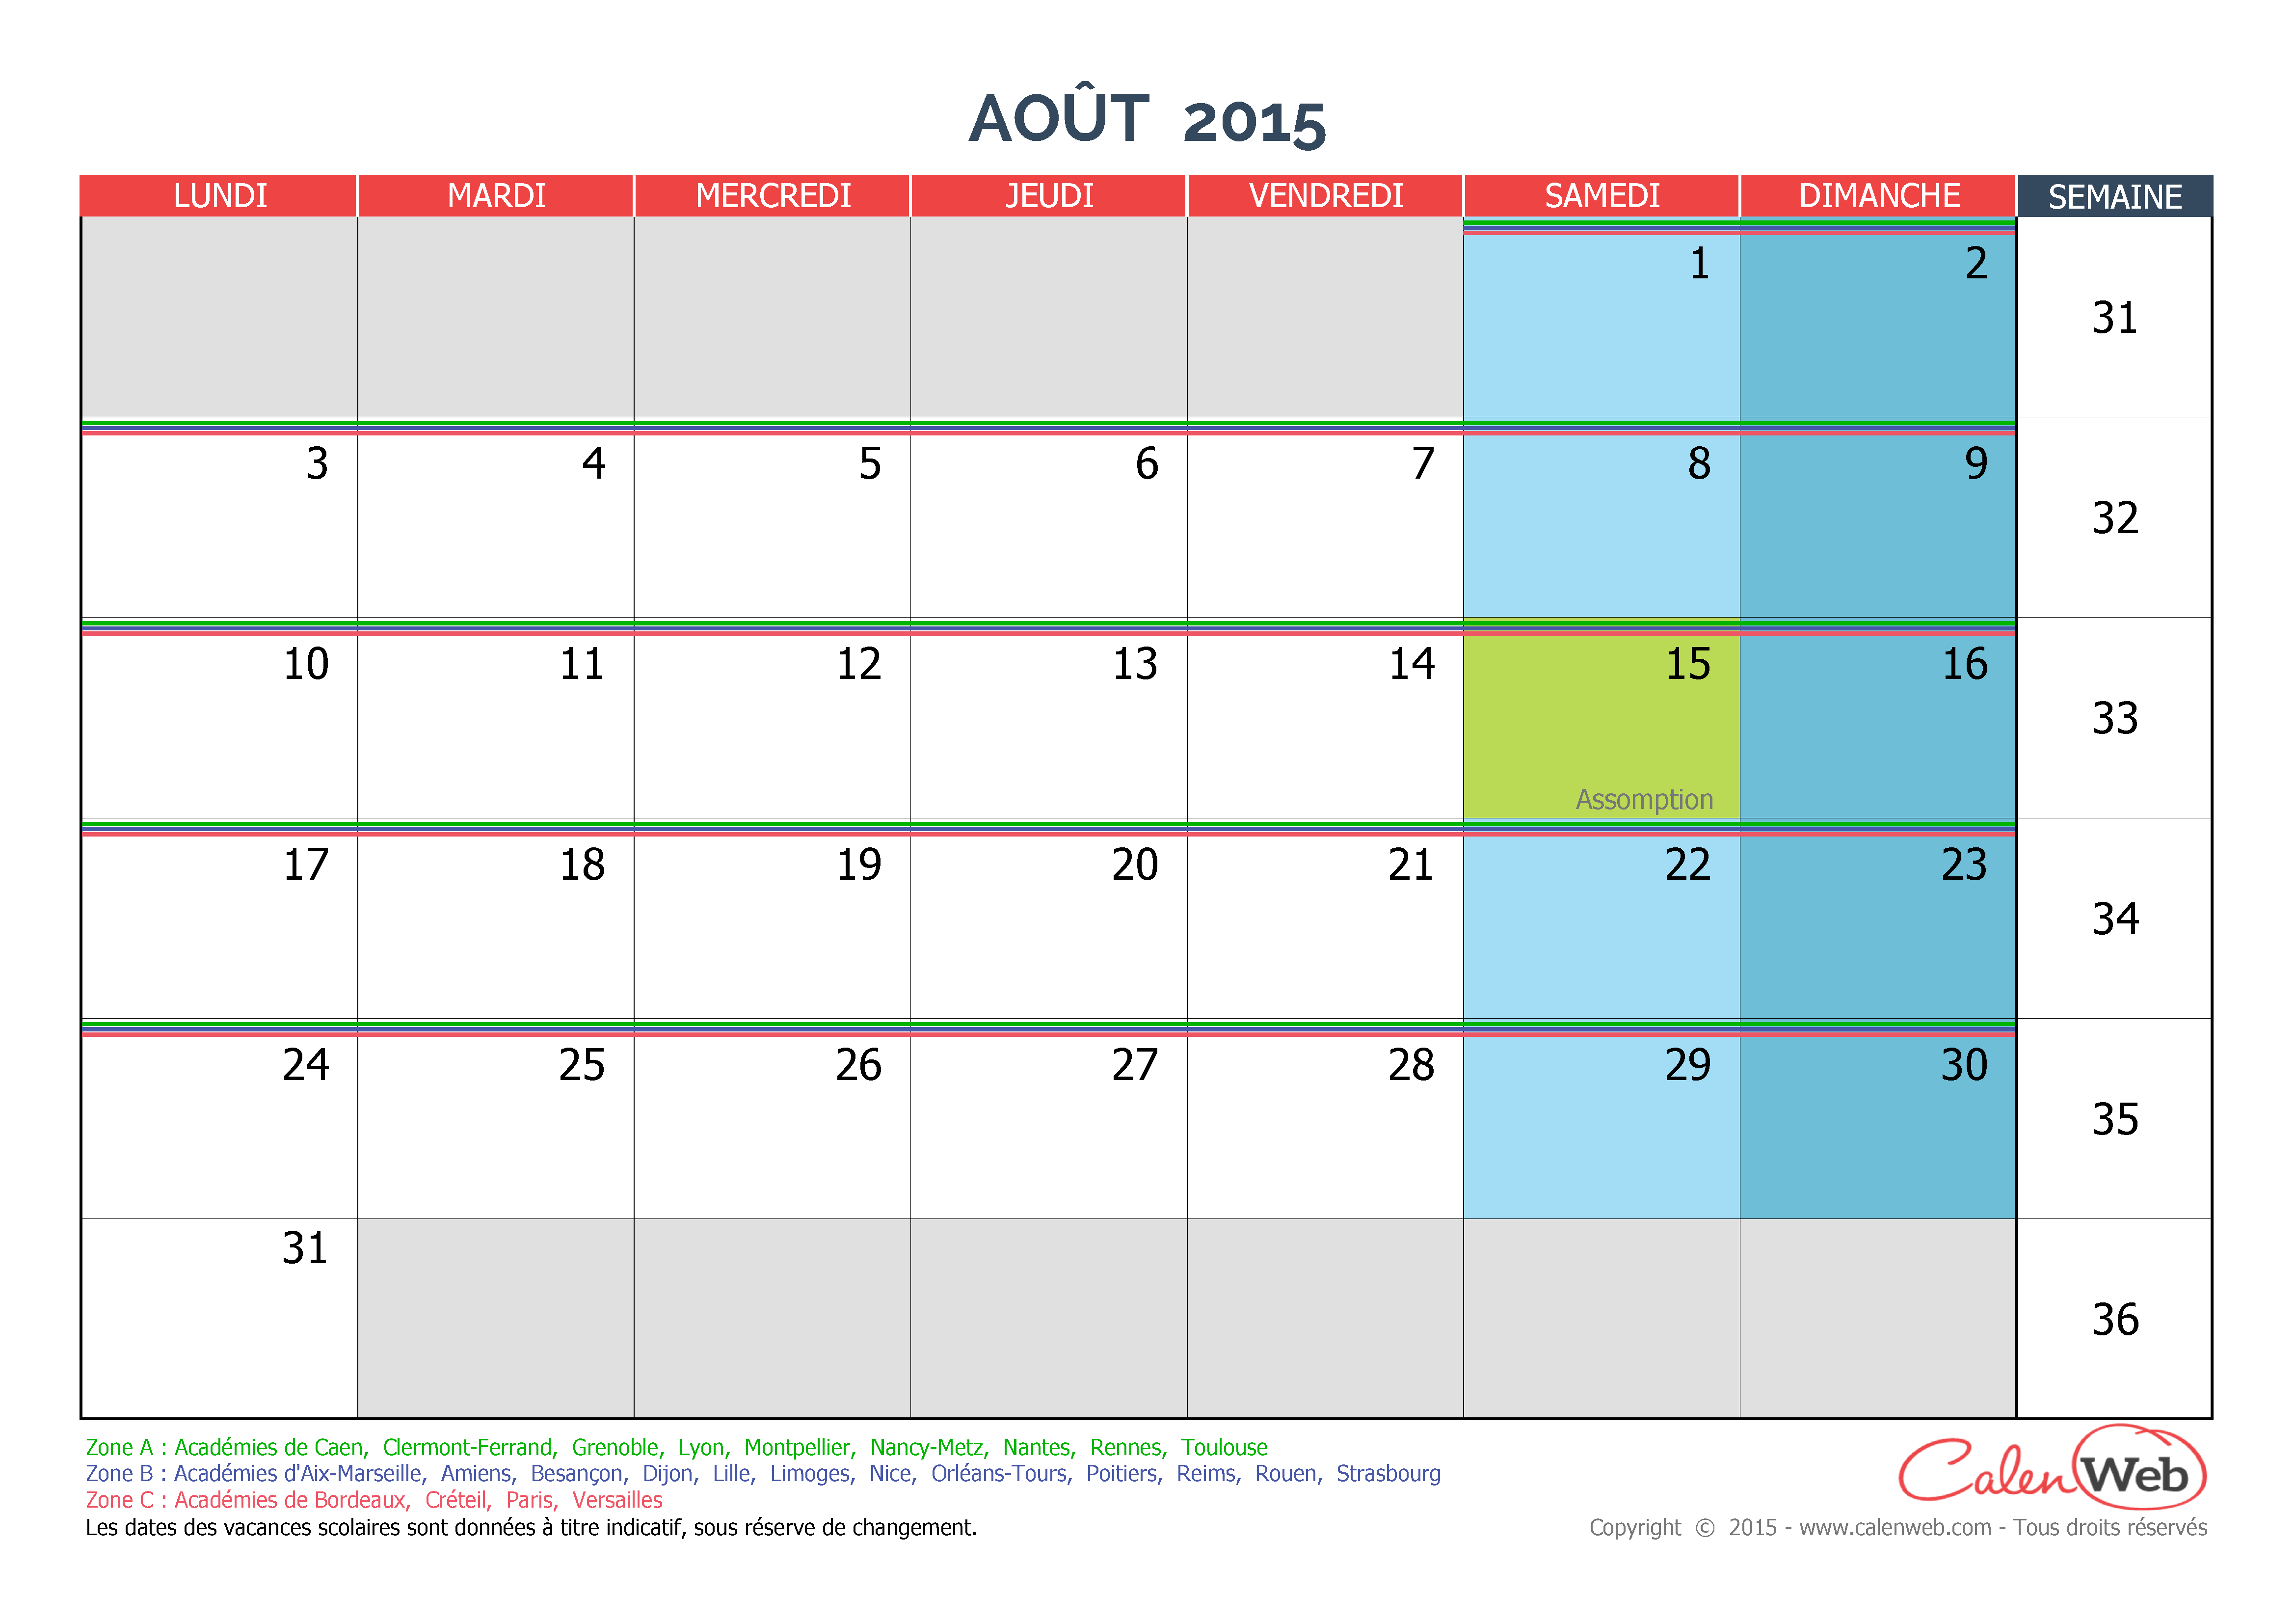 calendrier mensuel mois d 39 ao t 2015 avec jours f ri s et. Black Bedroom Furniture Sets. Home Design Ideas